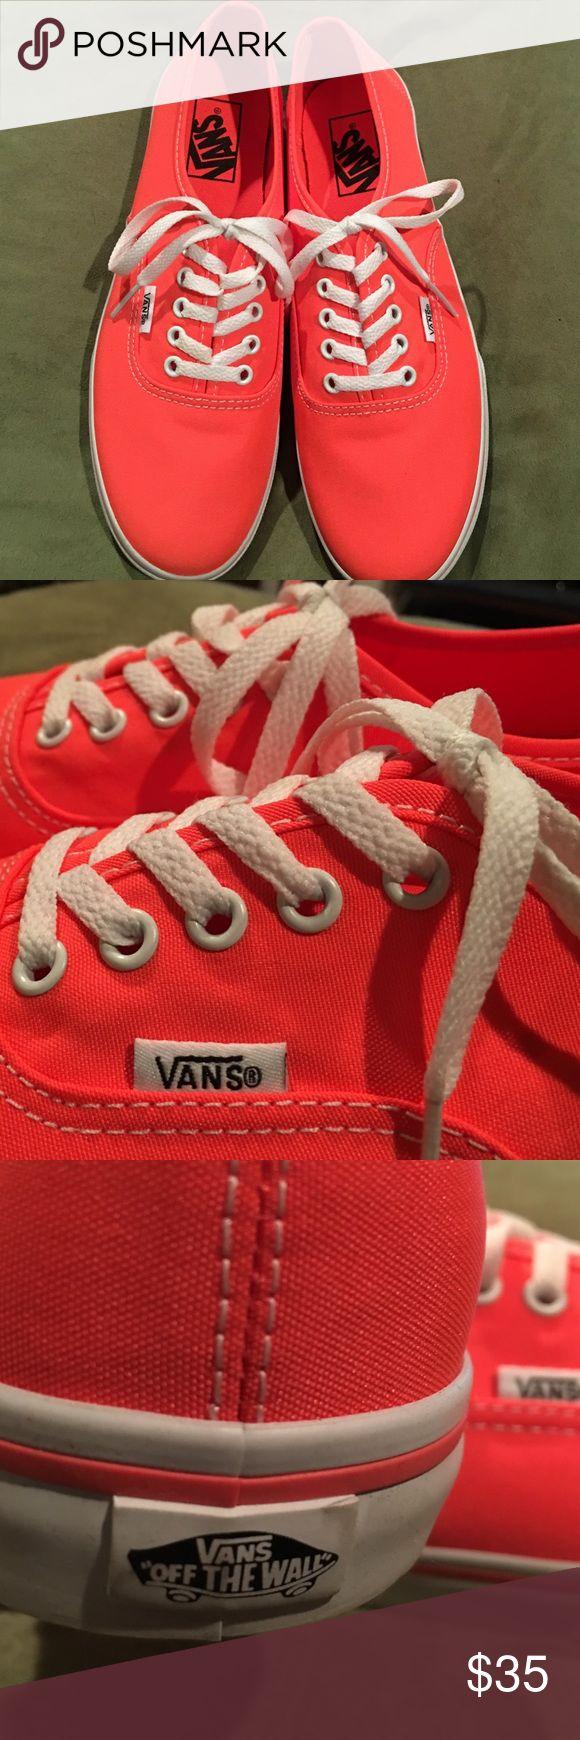 Van's shoes NWOT never worn, Van's Women's, size 8.5, neon coral. Vans Shoes Sneakers